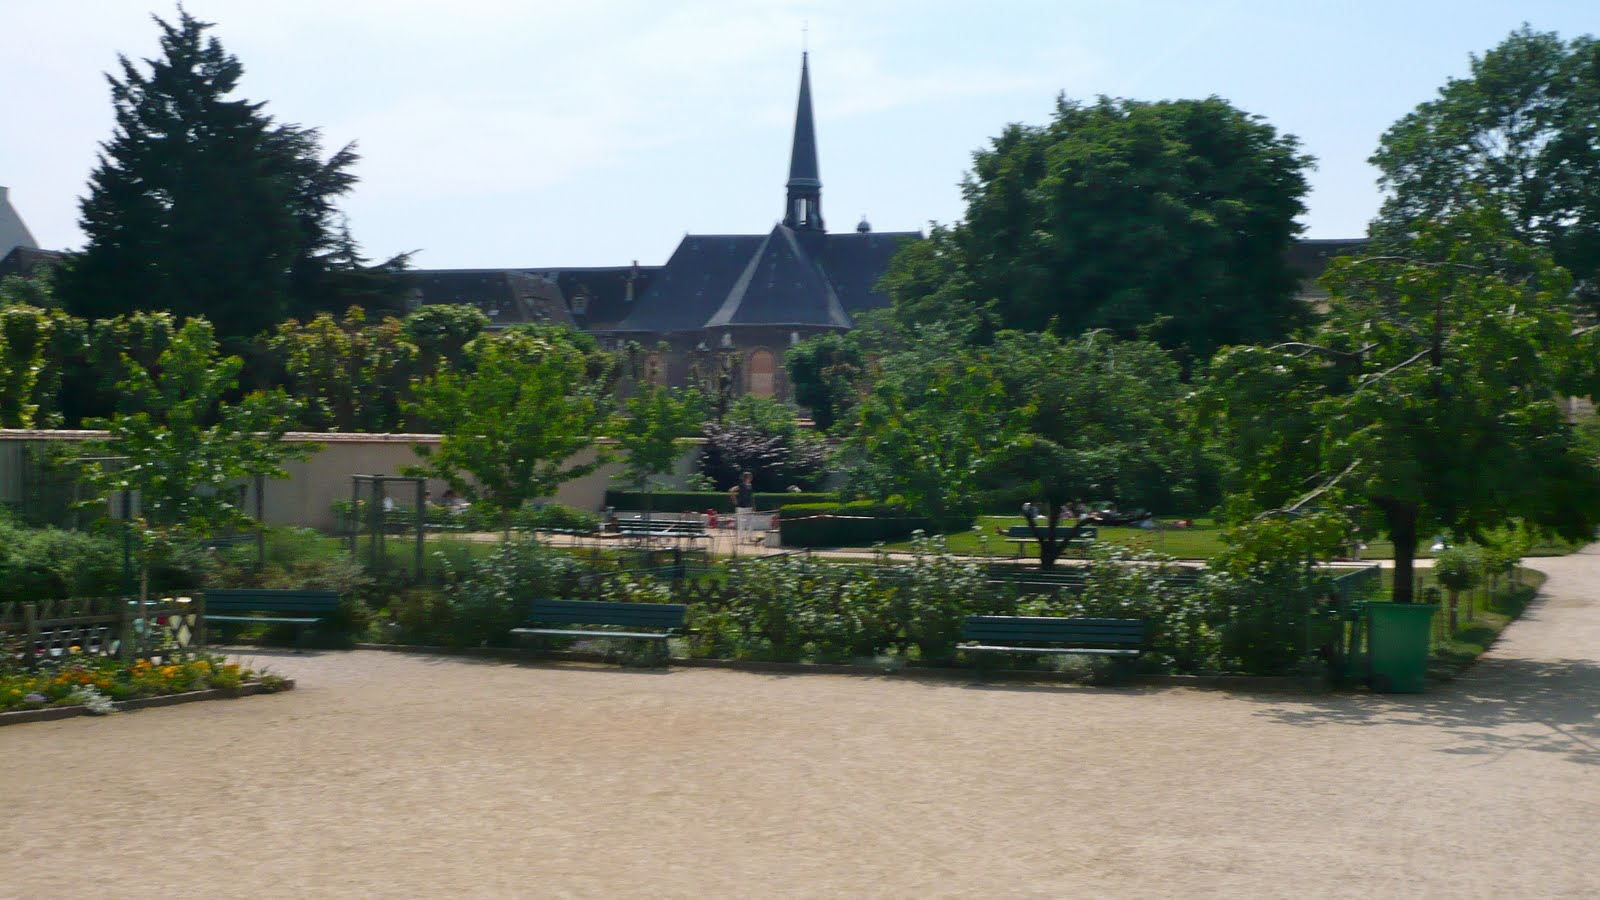 Ma poussette paris jardin catherine labour croquer for Le jardin de catherien